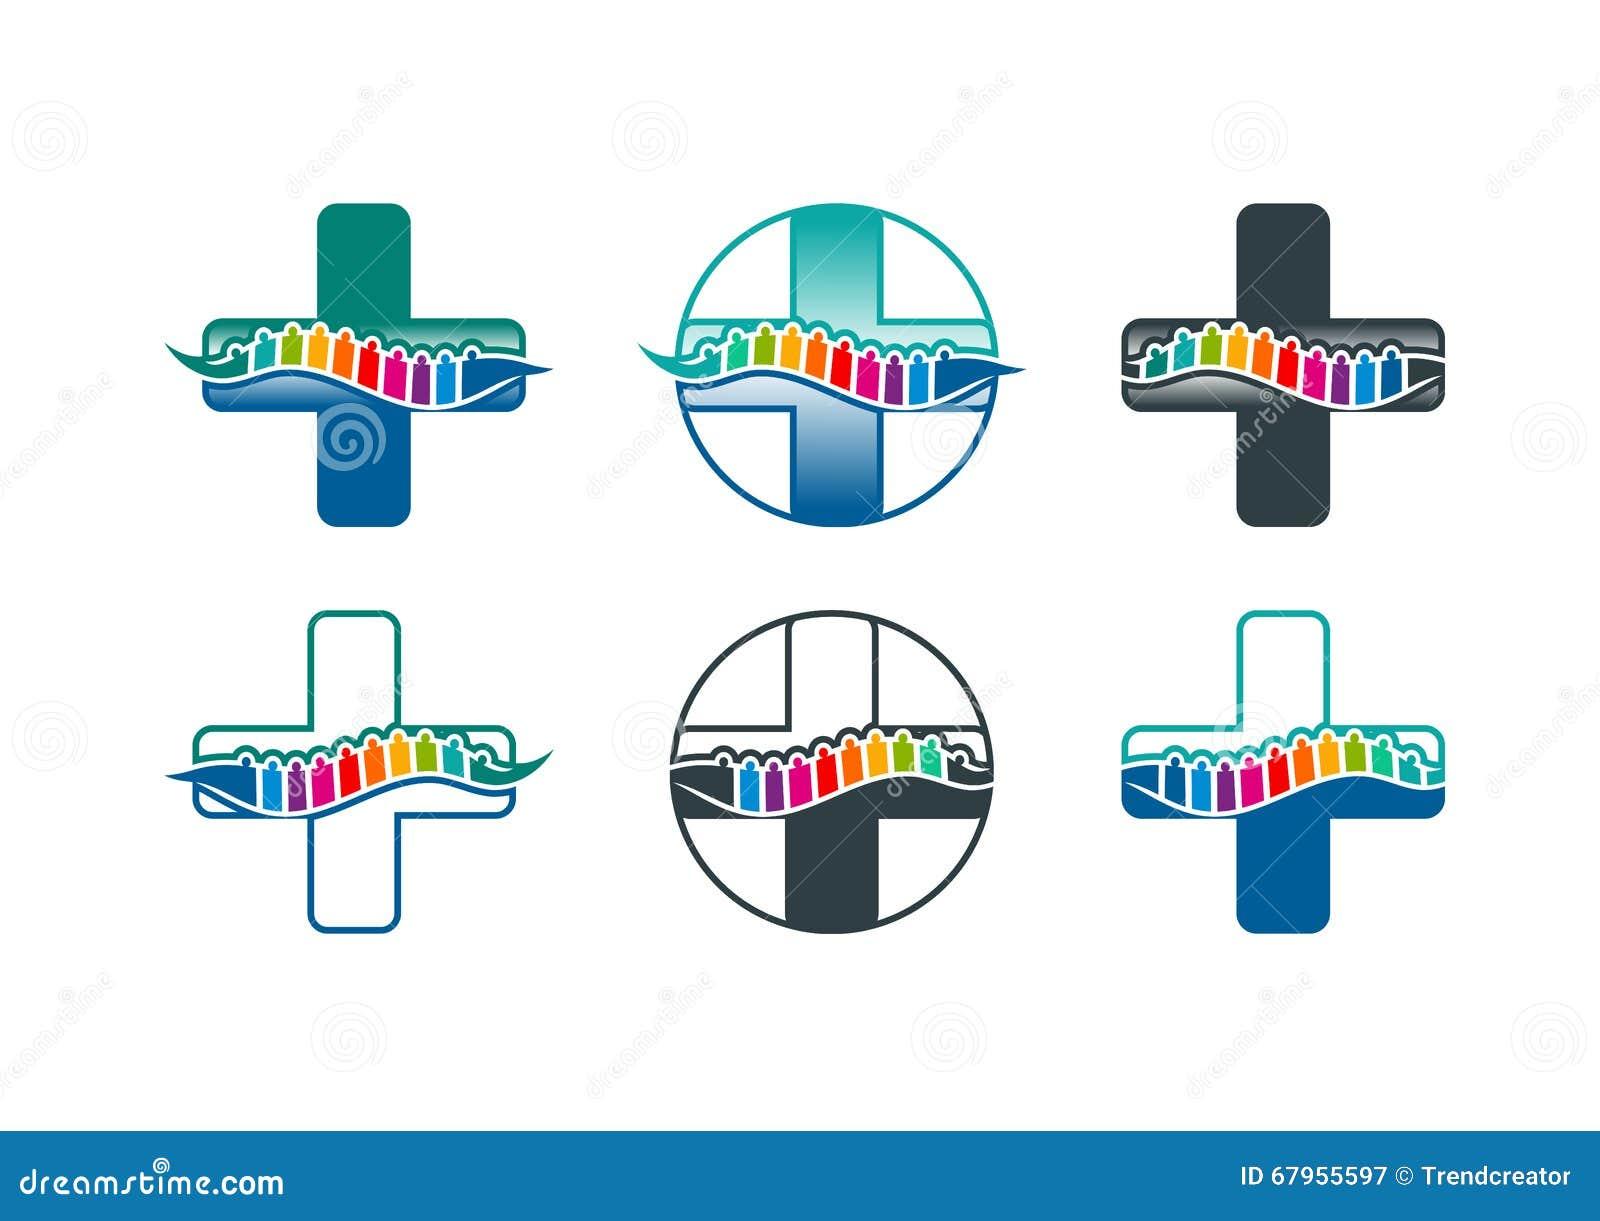 Logotipo de la espina dorsal, símbolo de la espina dorsal y diseño de concepto de la quiropráctica